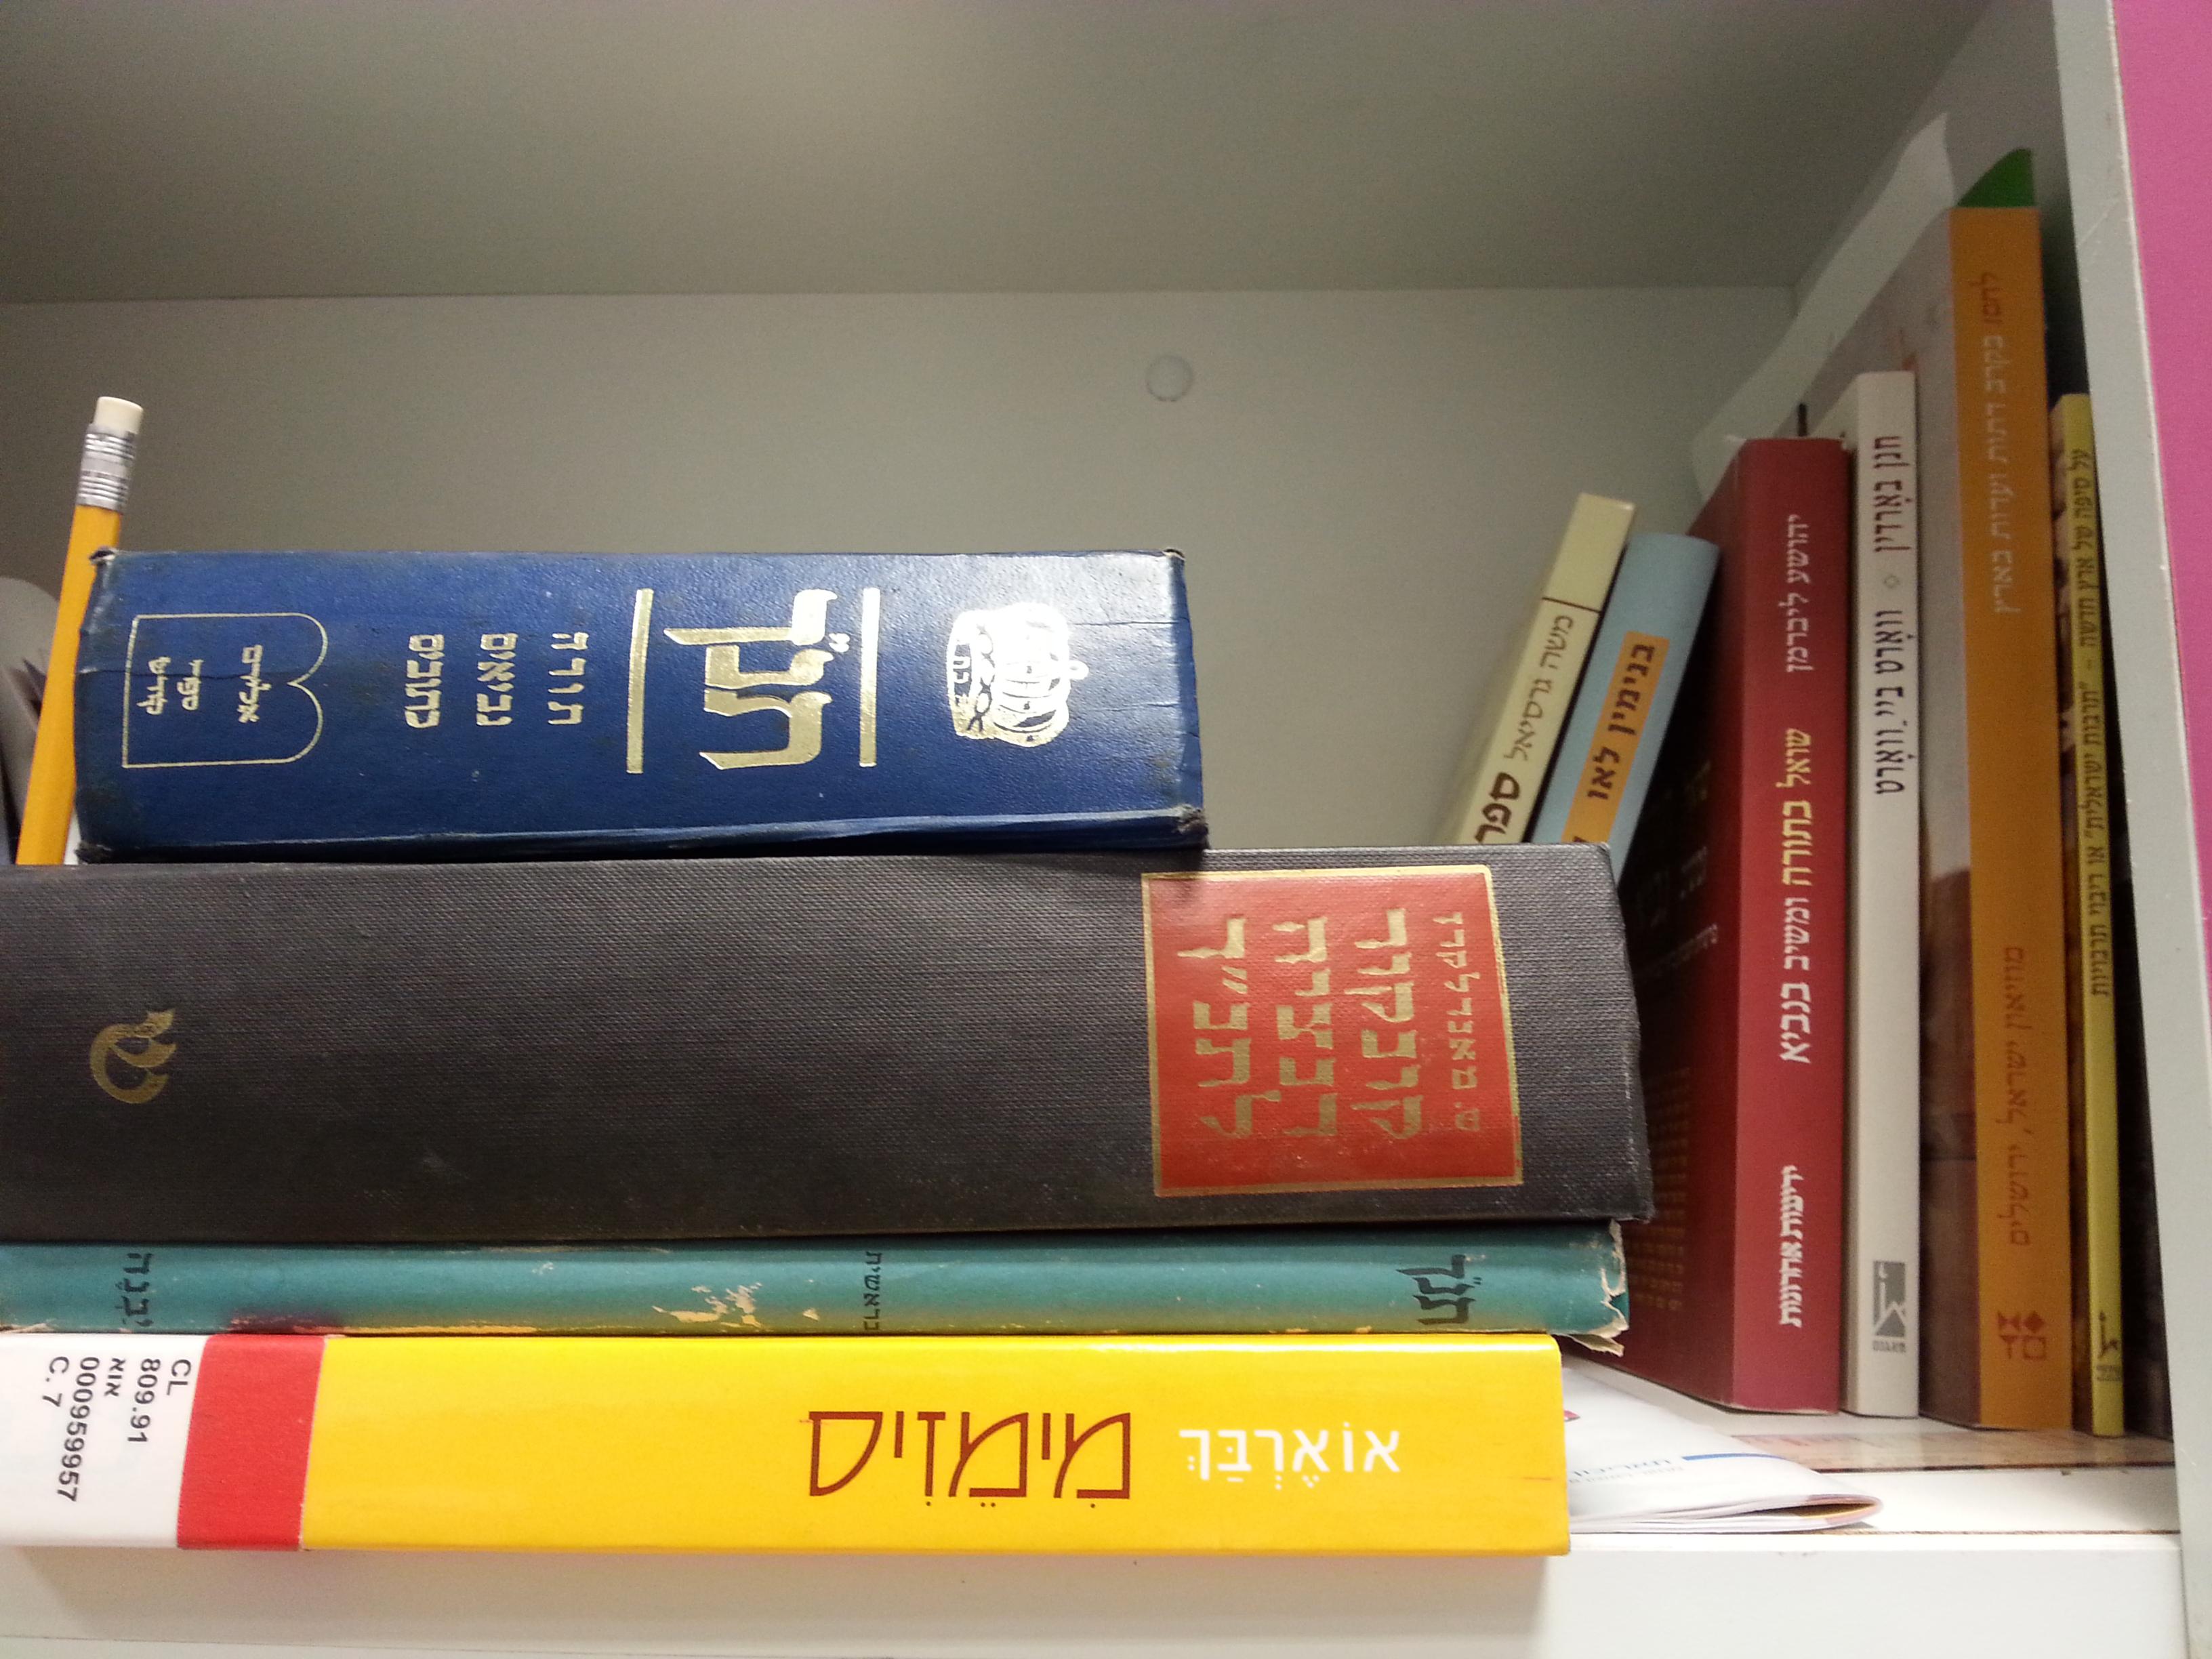 תואר שני במקרא באונ' תל אביב